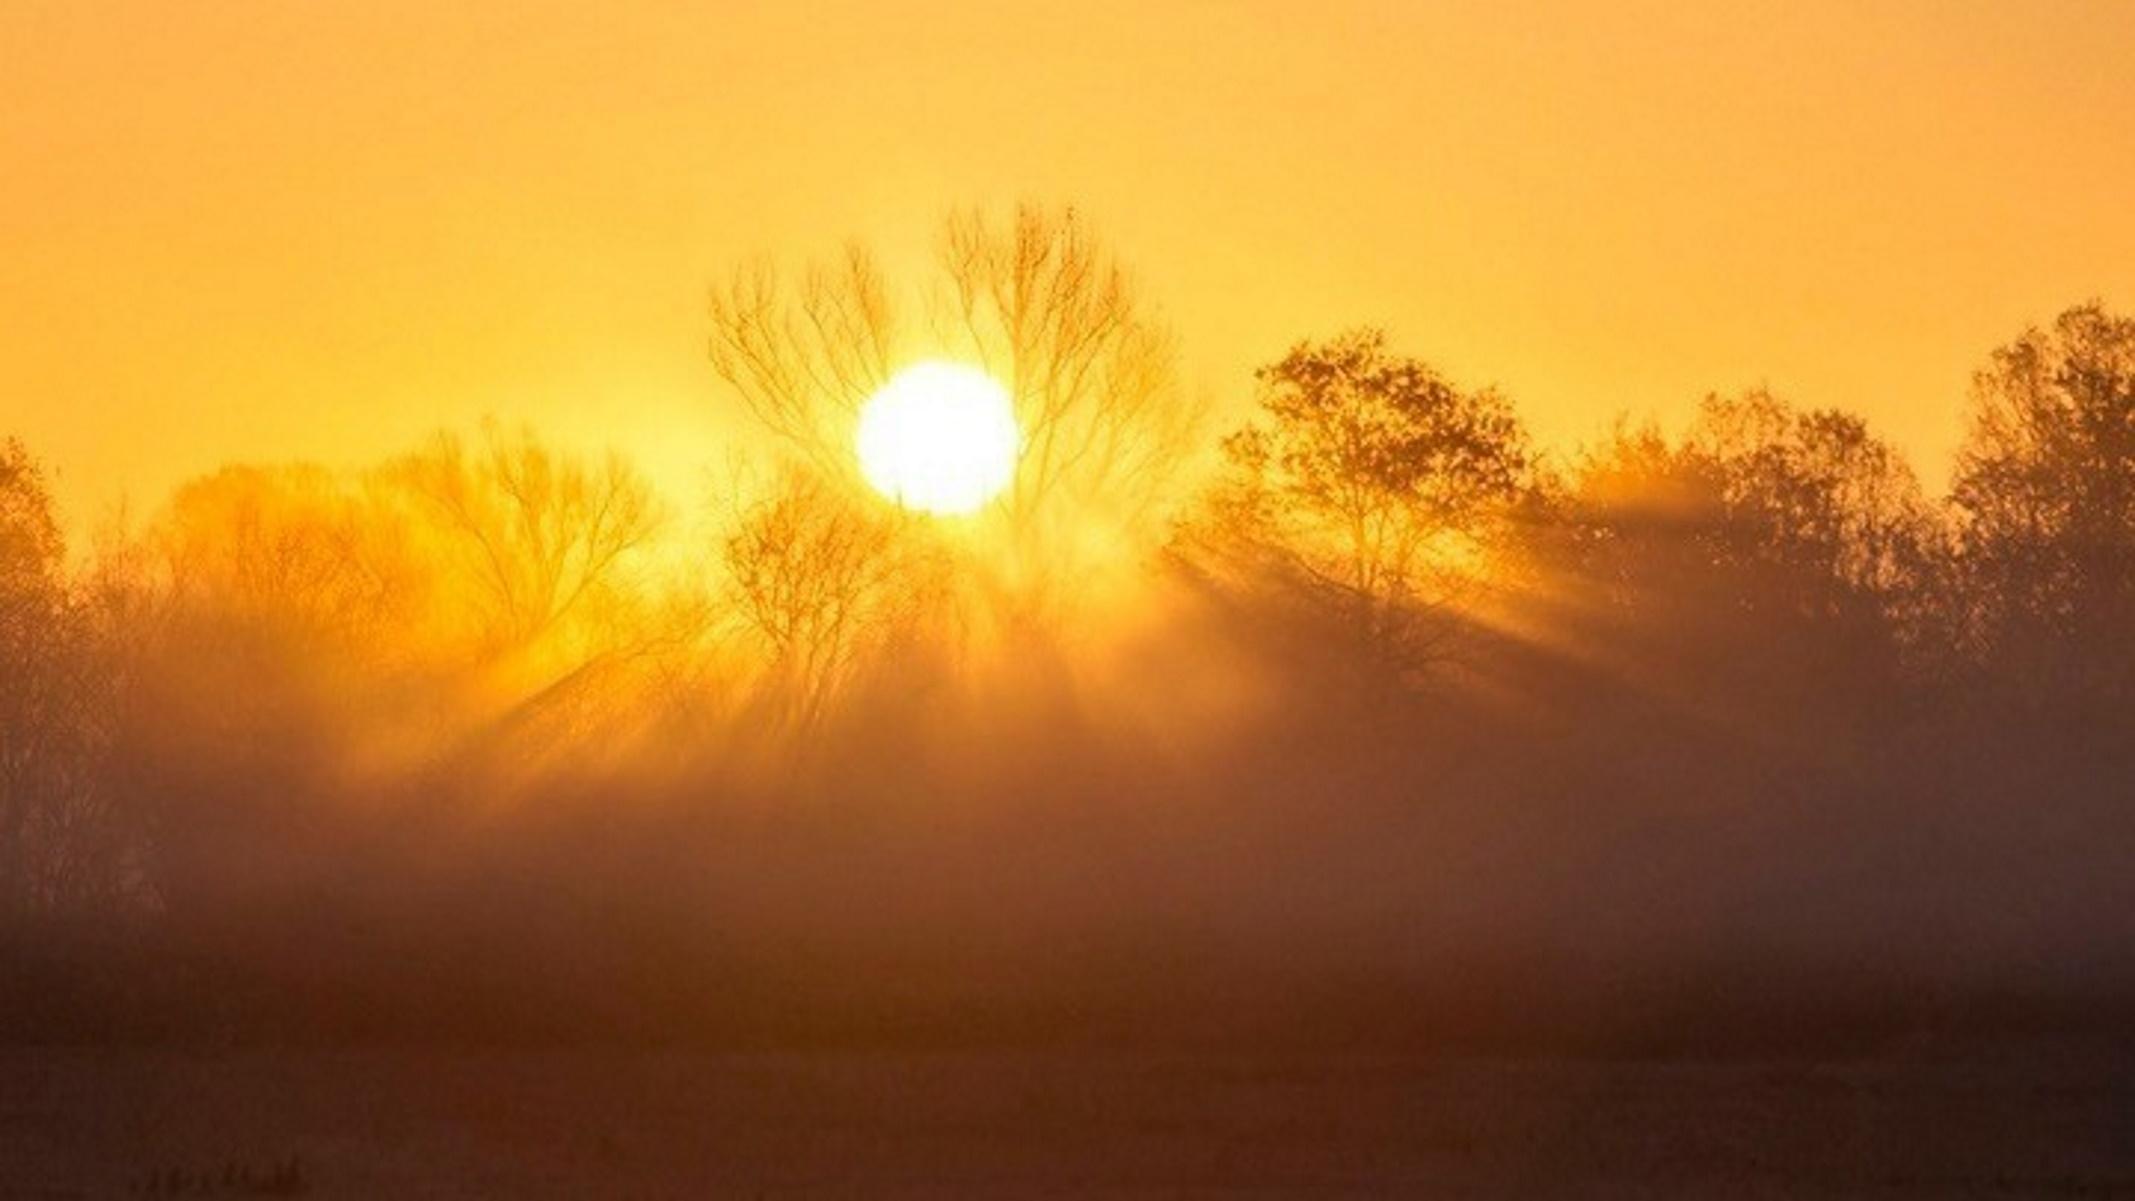 Καιρός meteo: Παγωνιά και καύσωνας την ίδια μέρα στην Ελλάδα – Πού είδανε 7 και πού 33 βαθμούς